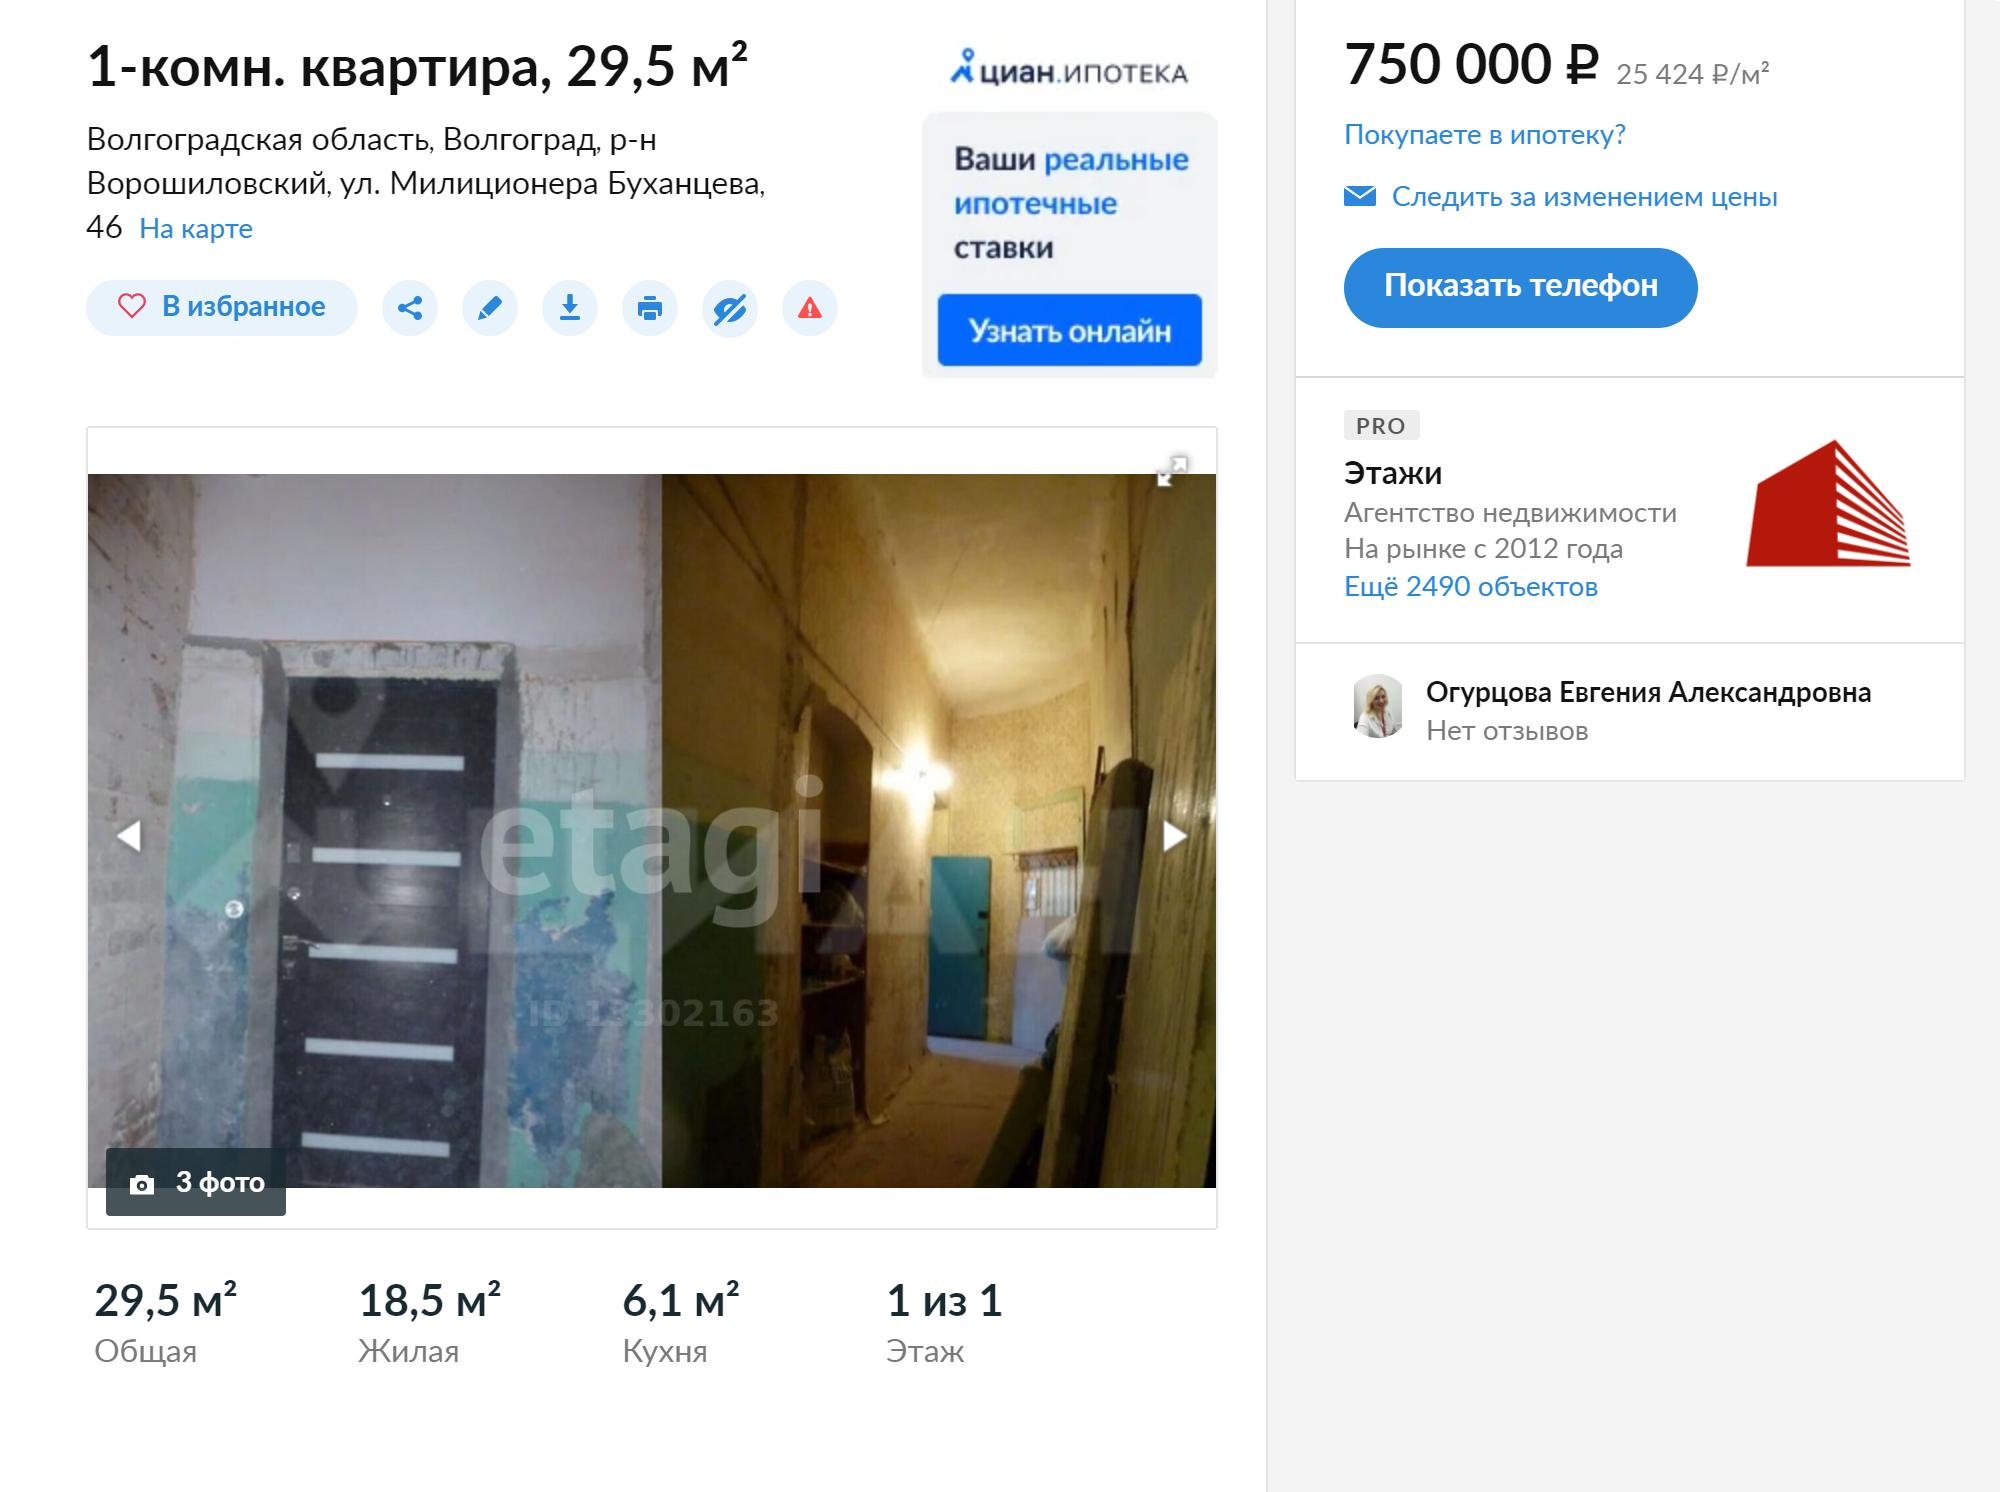 Однокомнатная квартира в Ворошиловском районе неподалеку от моего дома. Жилье в очень плохом состоянии, но и стоит всего 750 тысяч